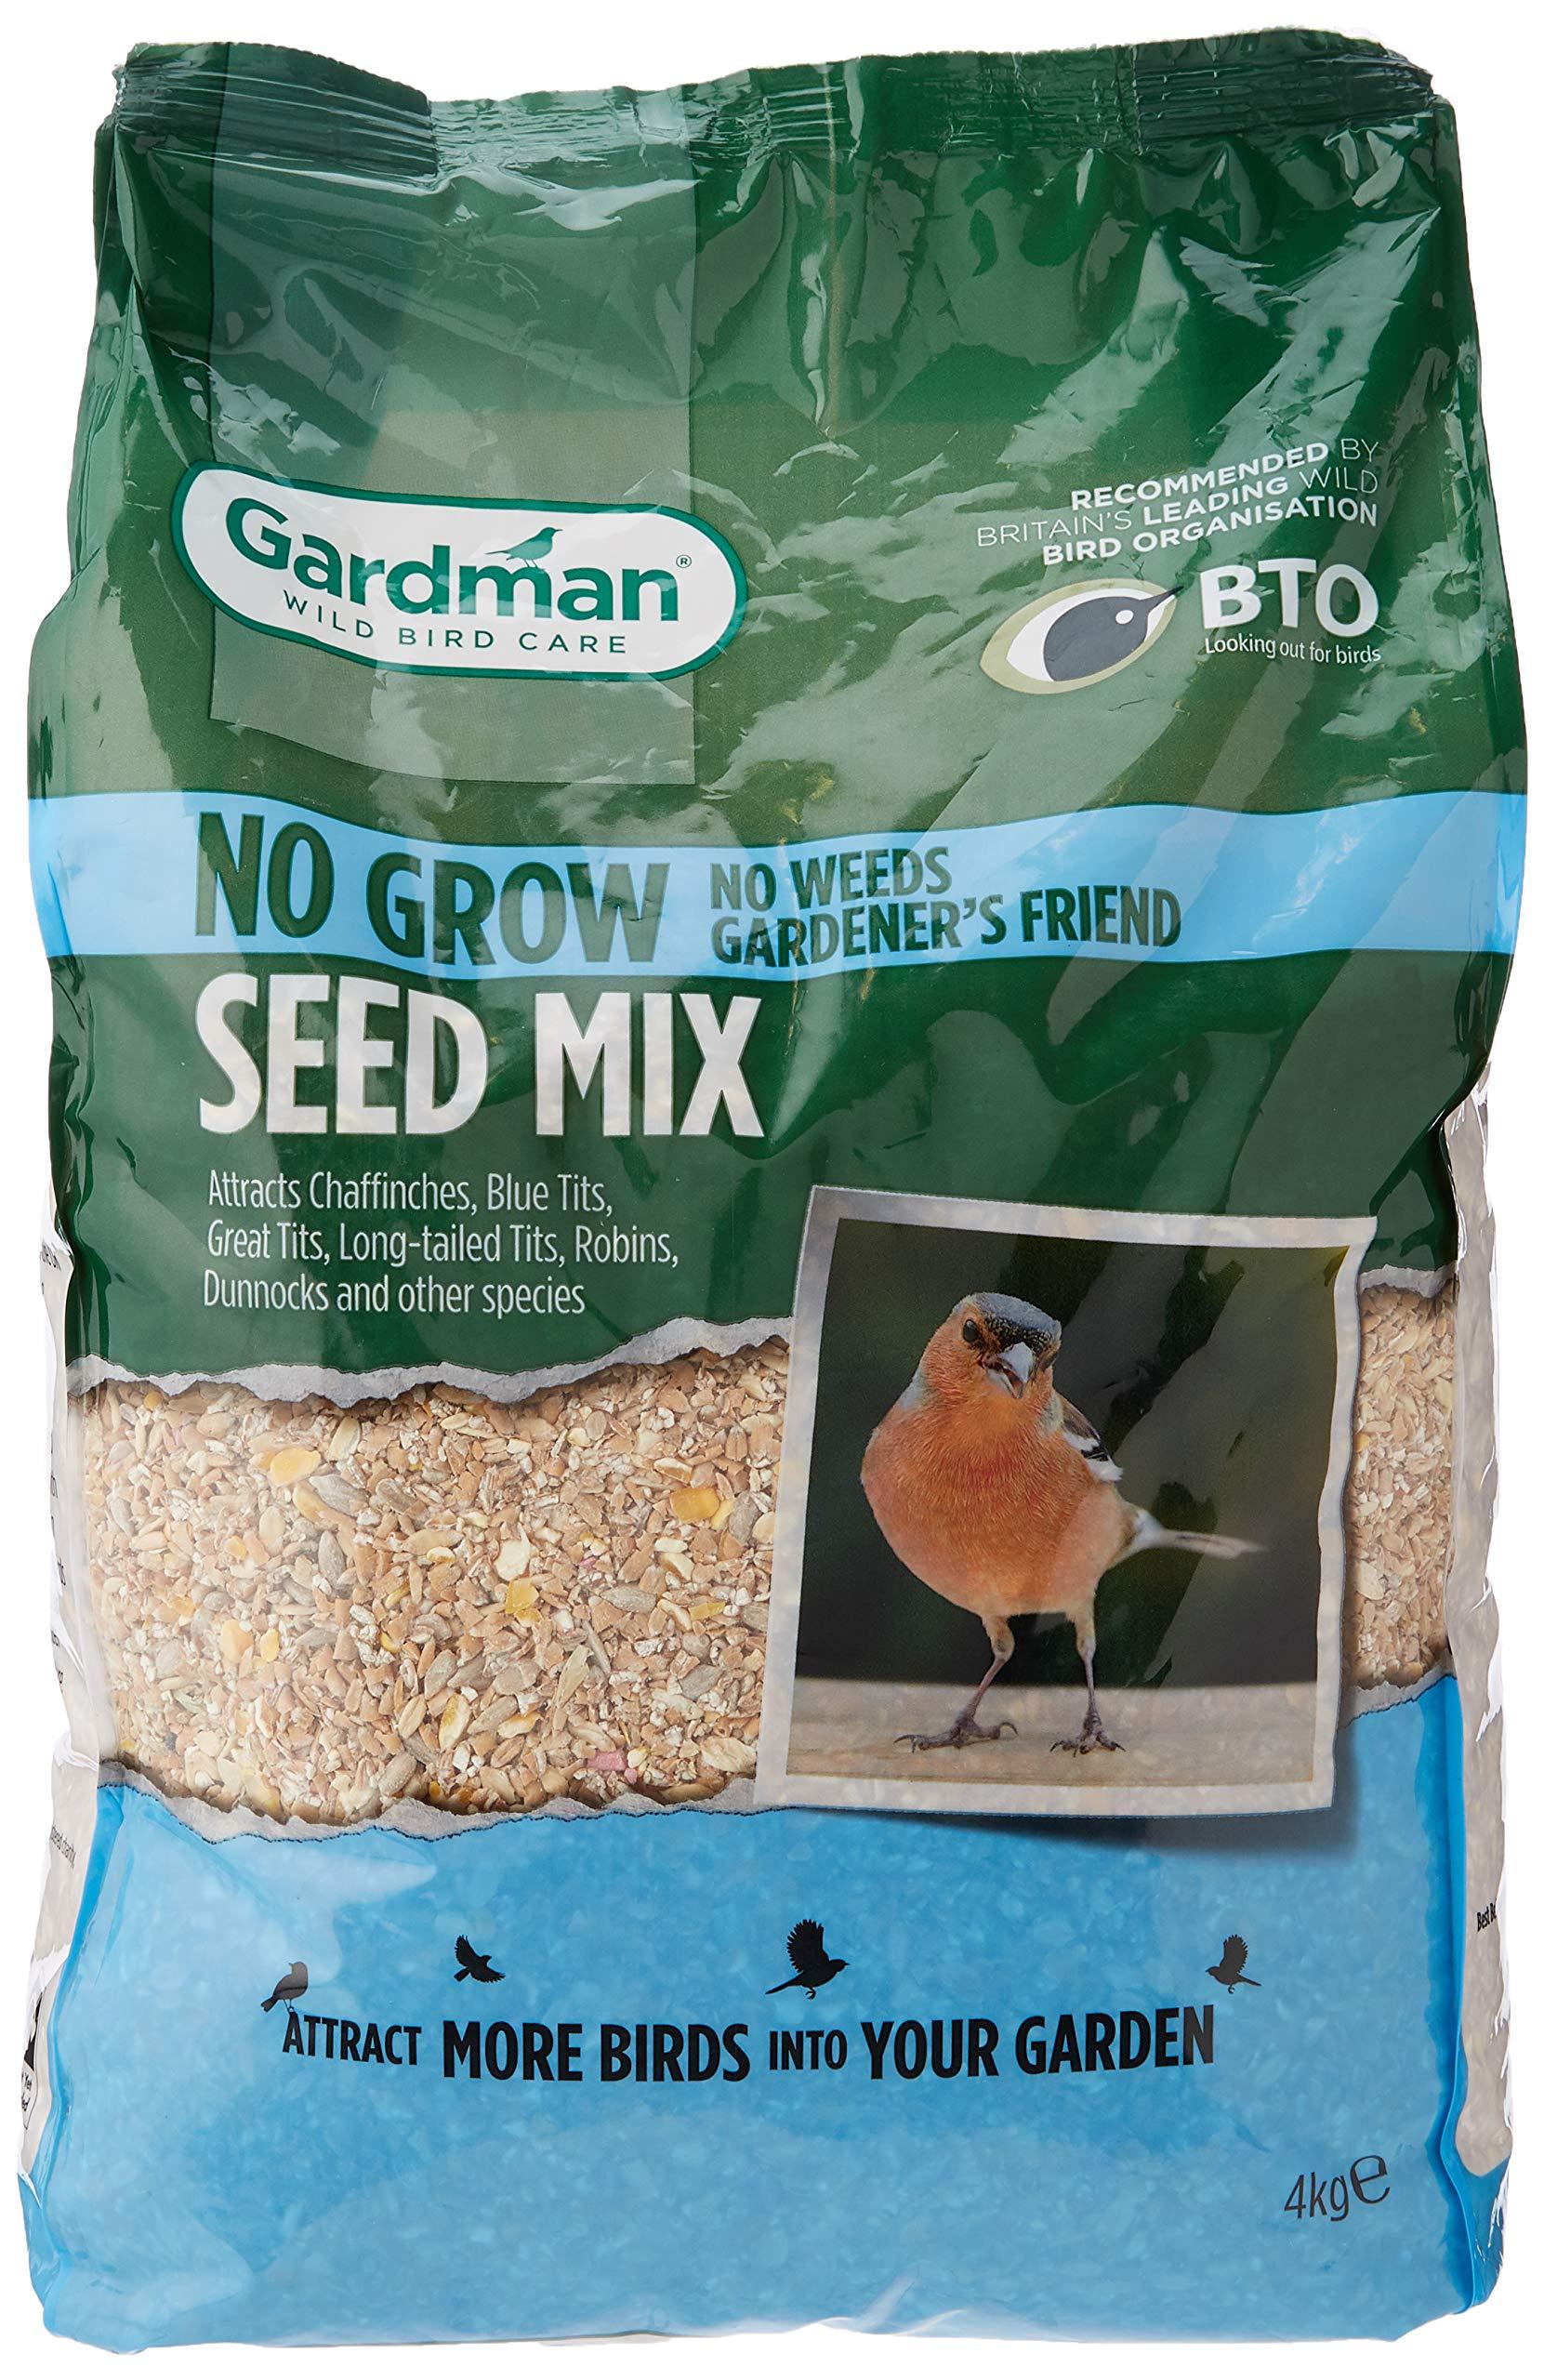 Gardman No Grow Seed Mix Bird, Natural, 20 x 14 x 34 cm